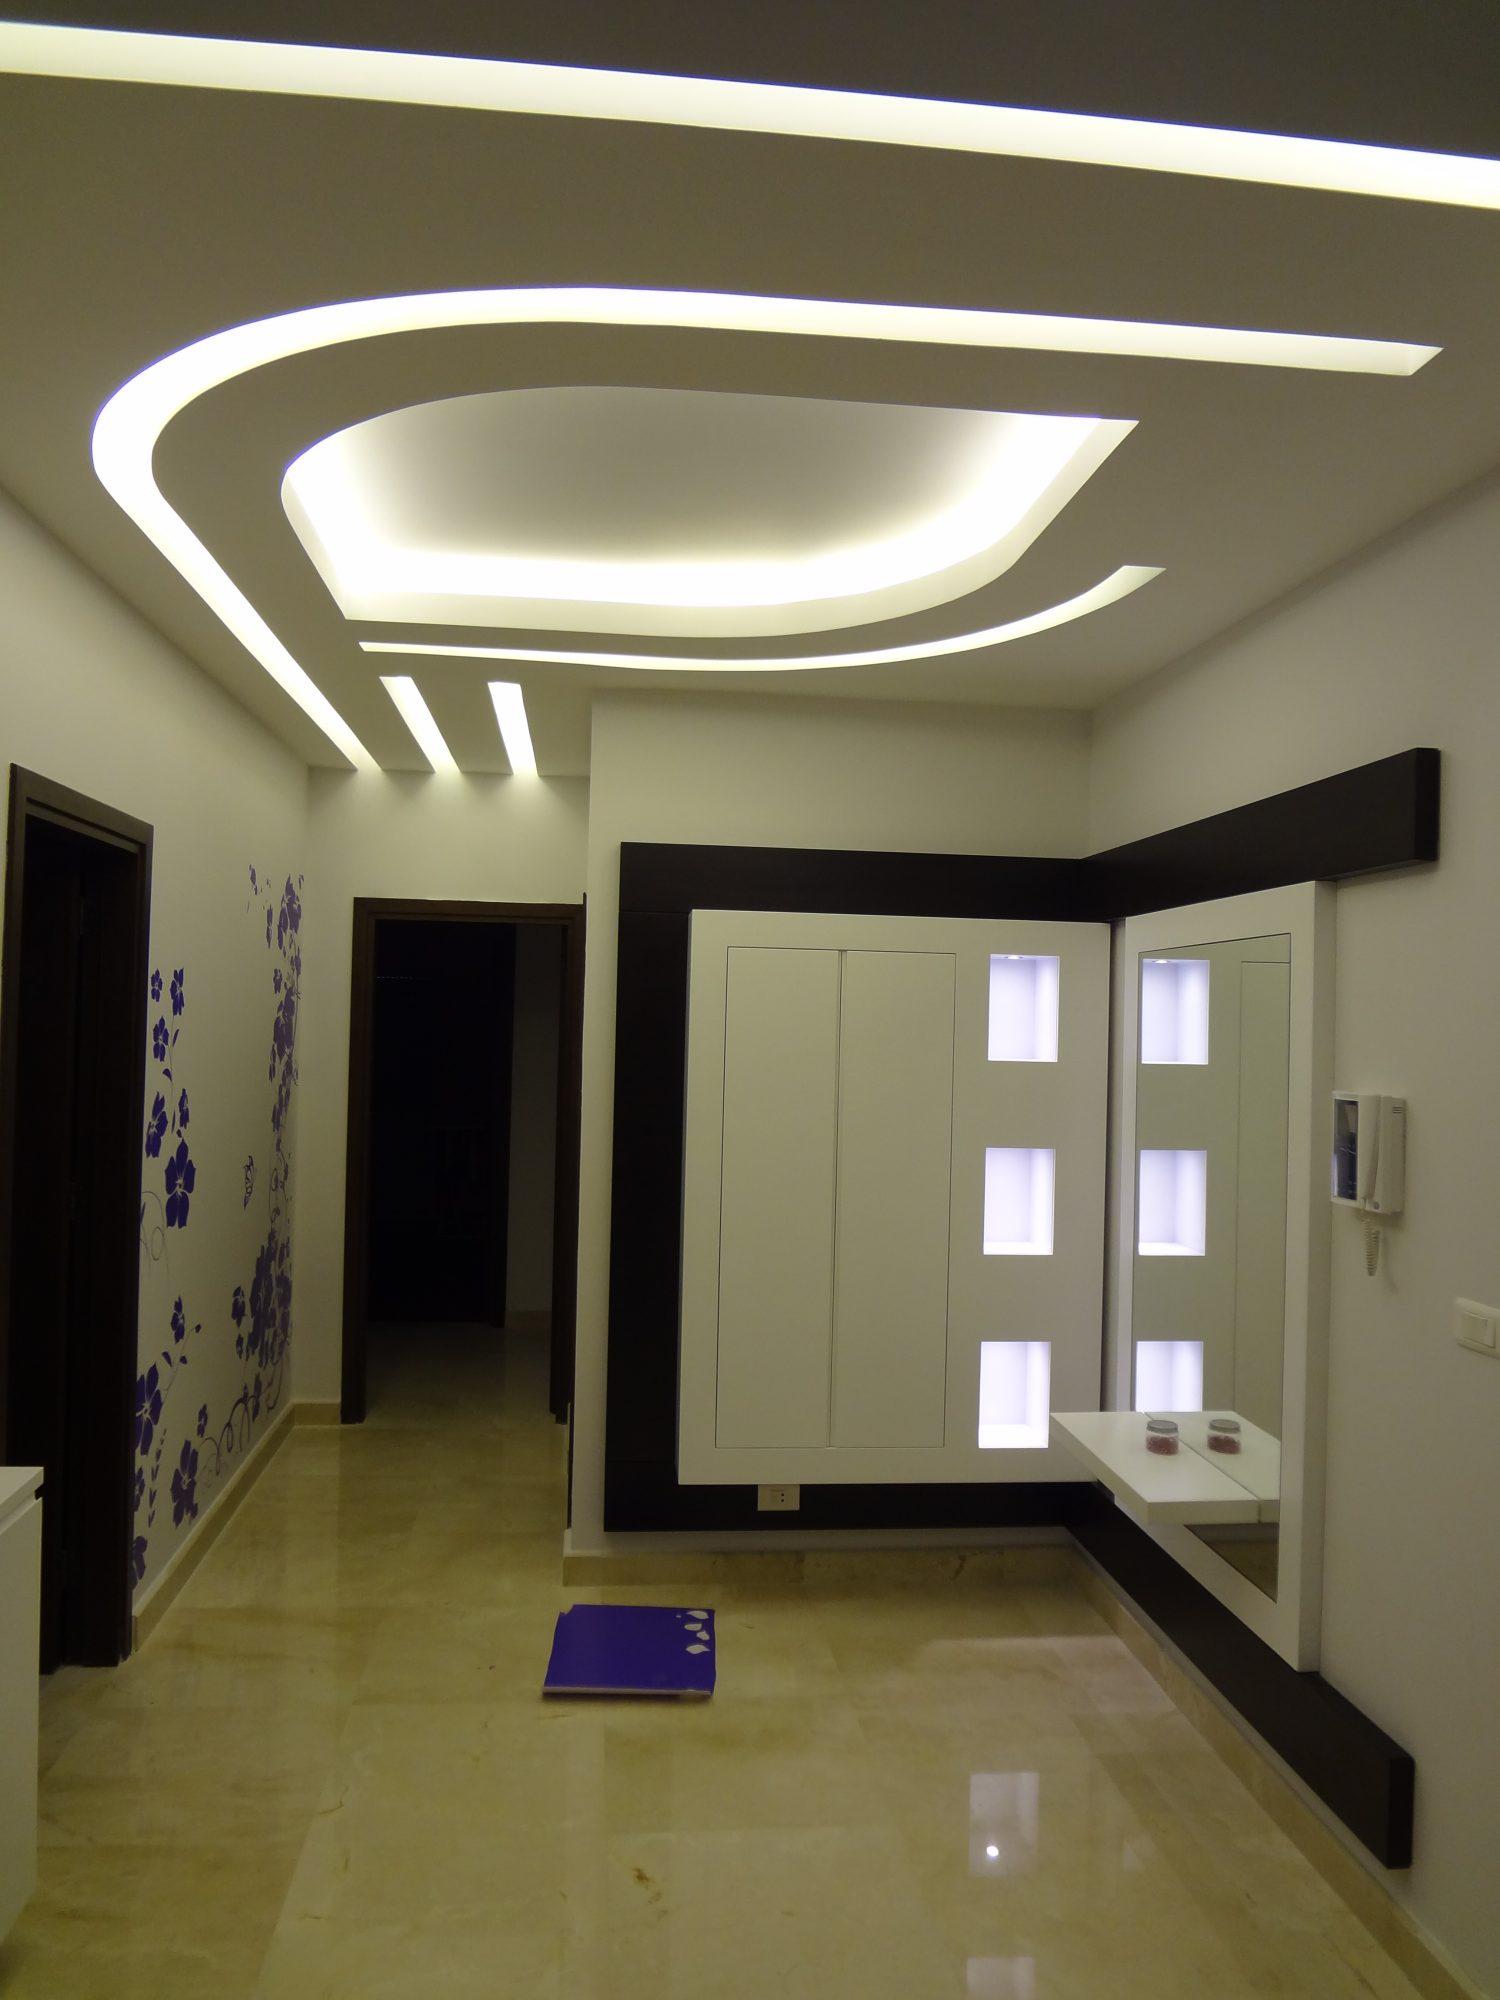 #interiordesignideas  interior design ideas  modern interior interior lighting  ceiling design